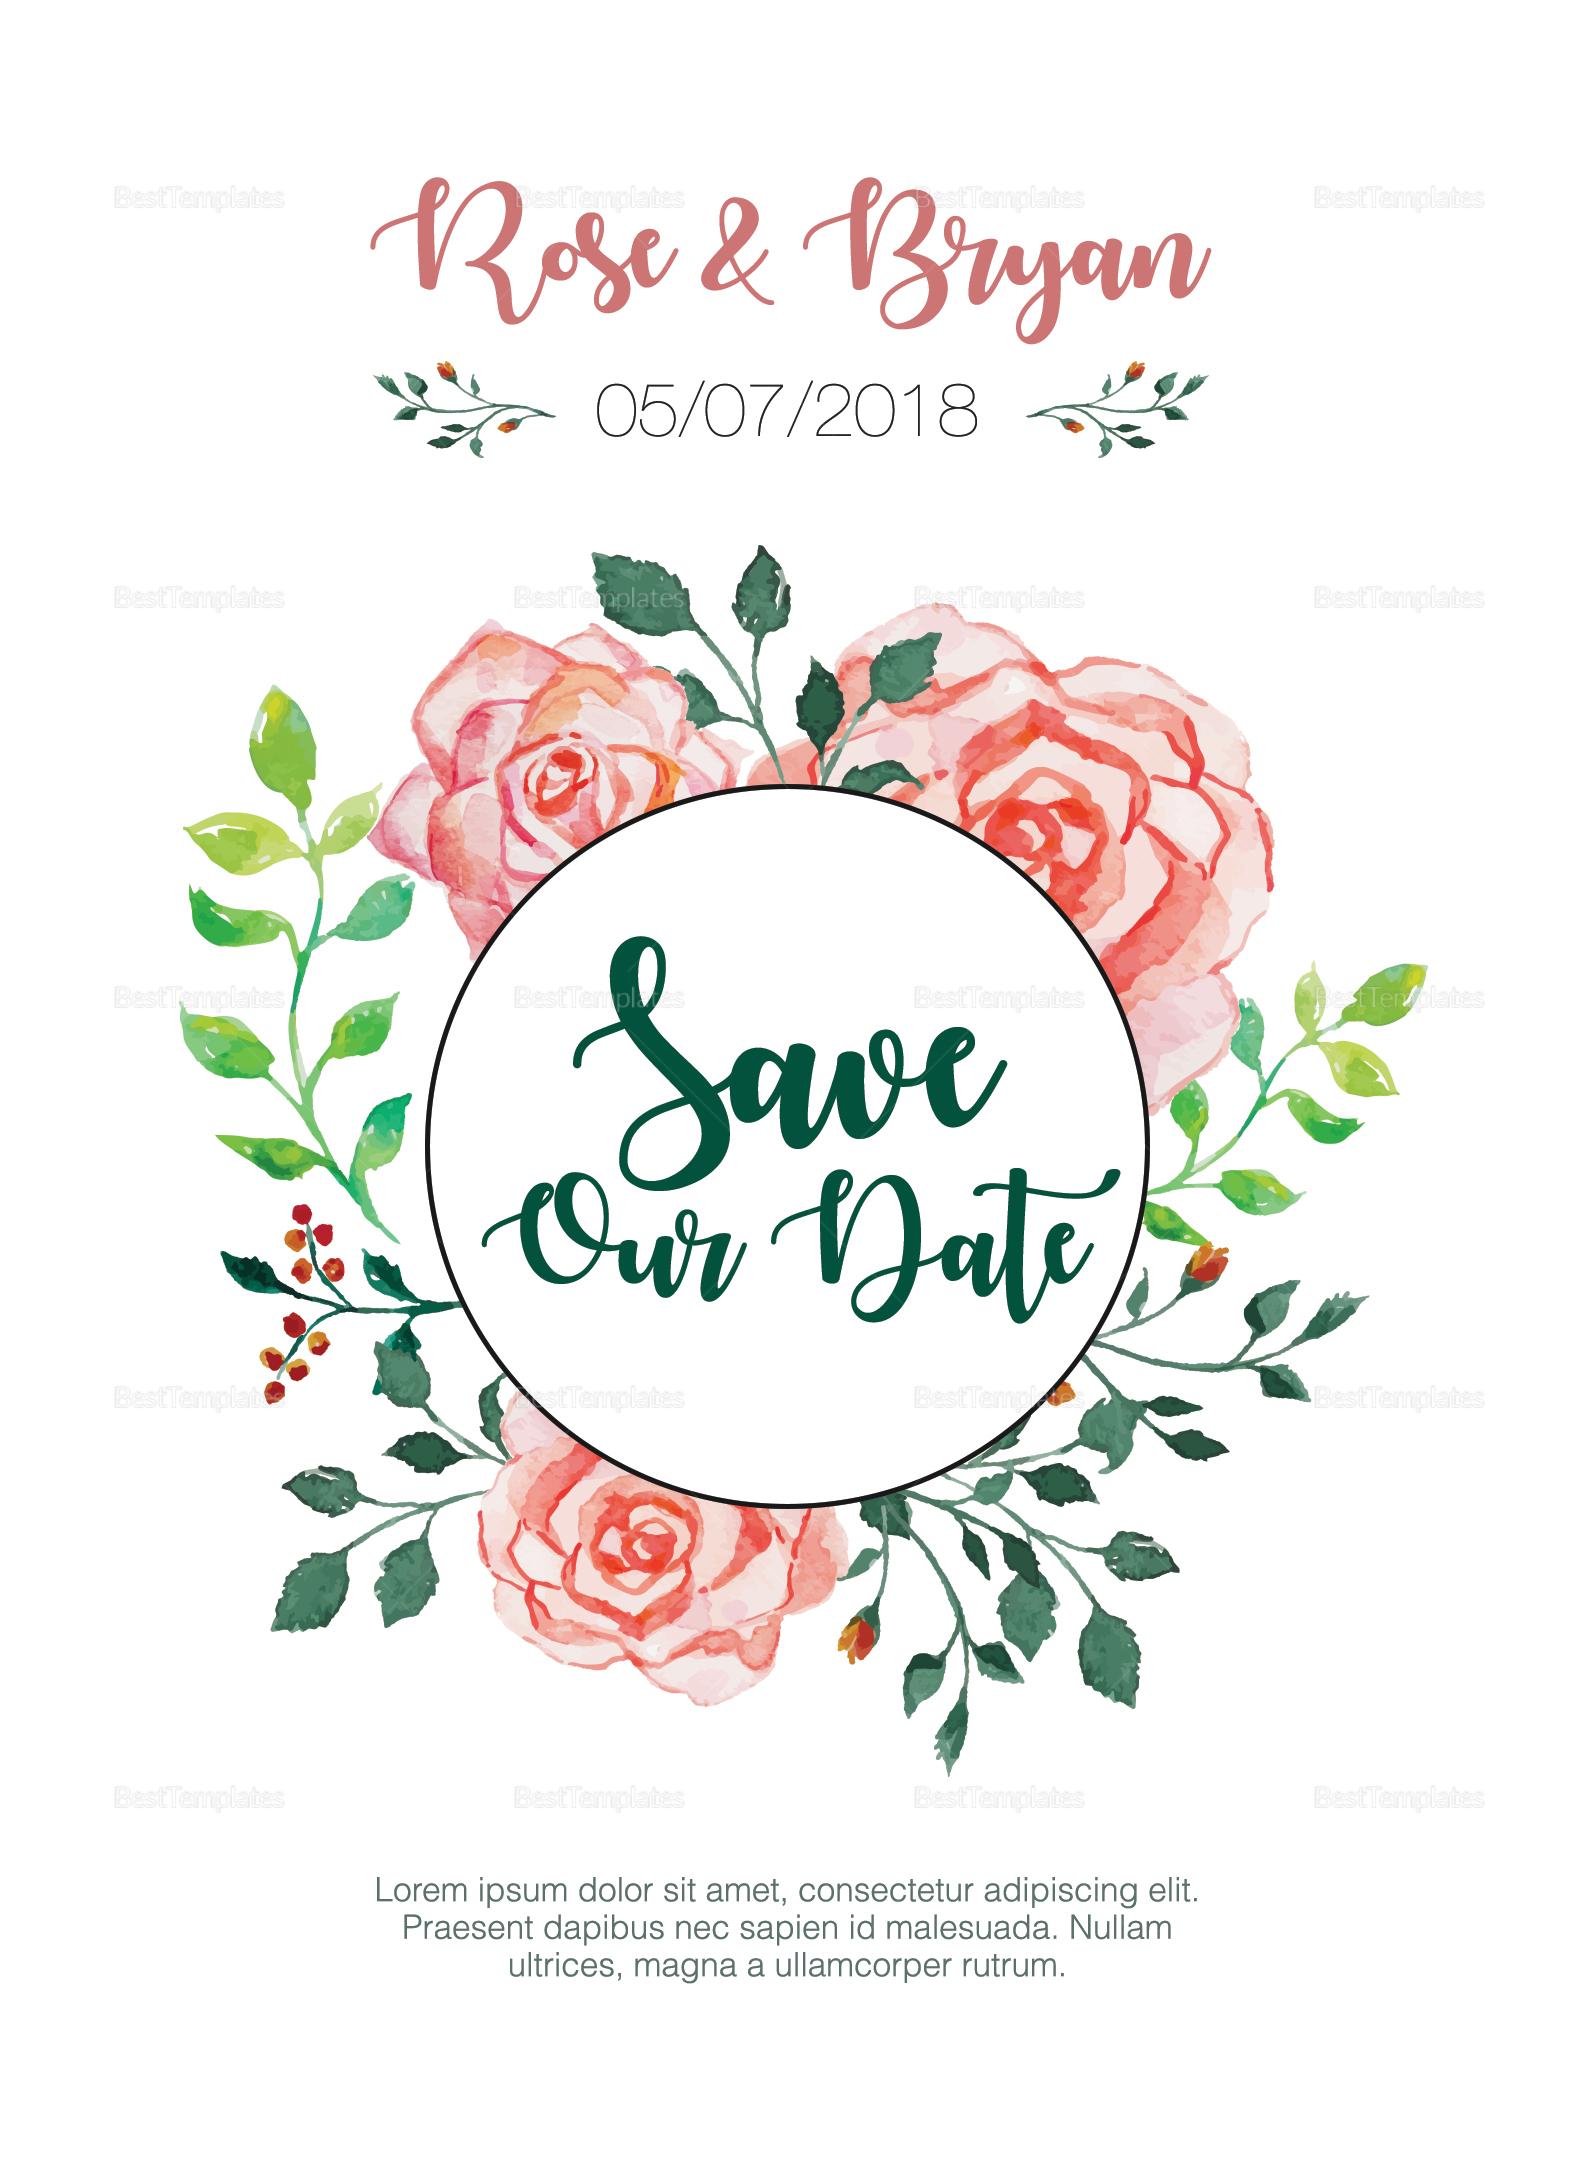 Private Personalized Wedding Invitation Template